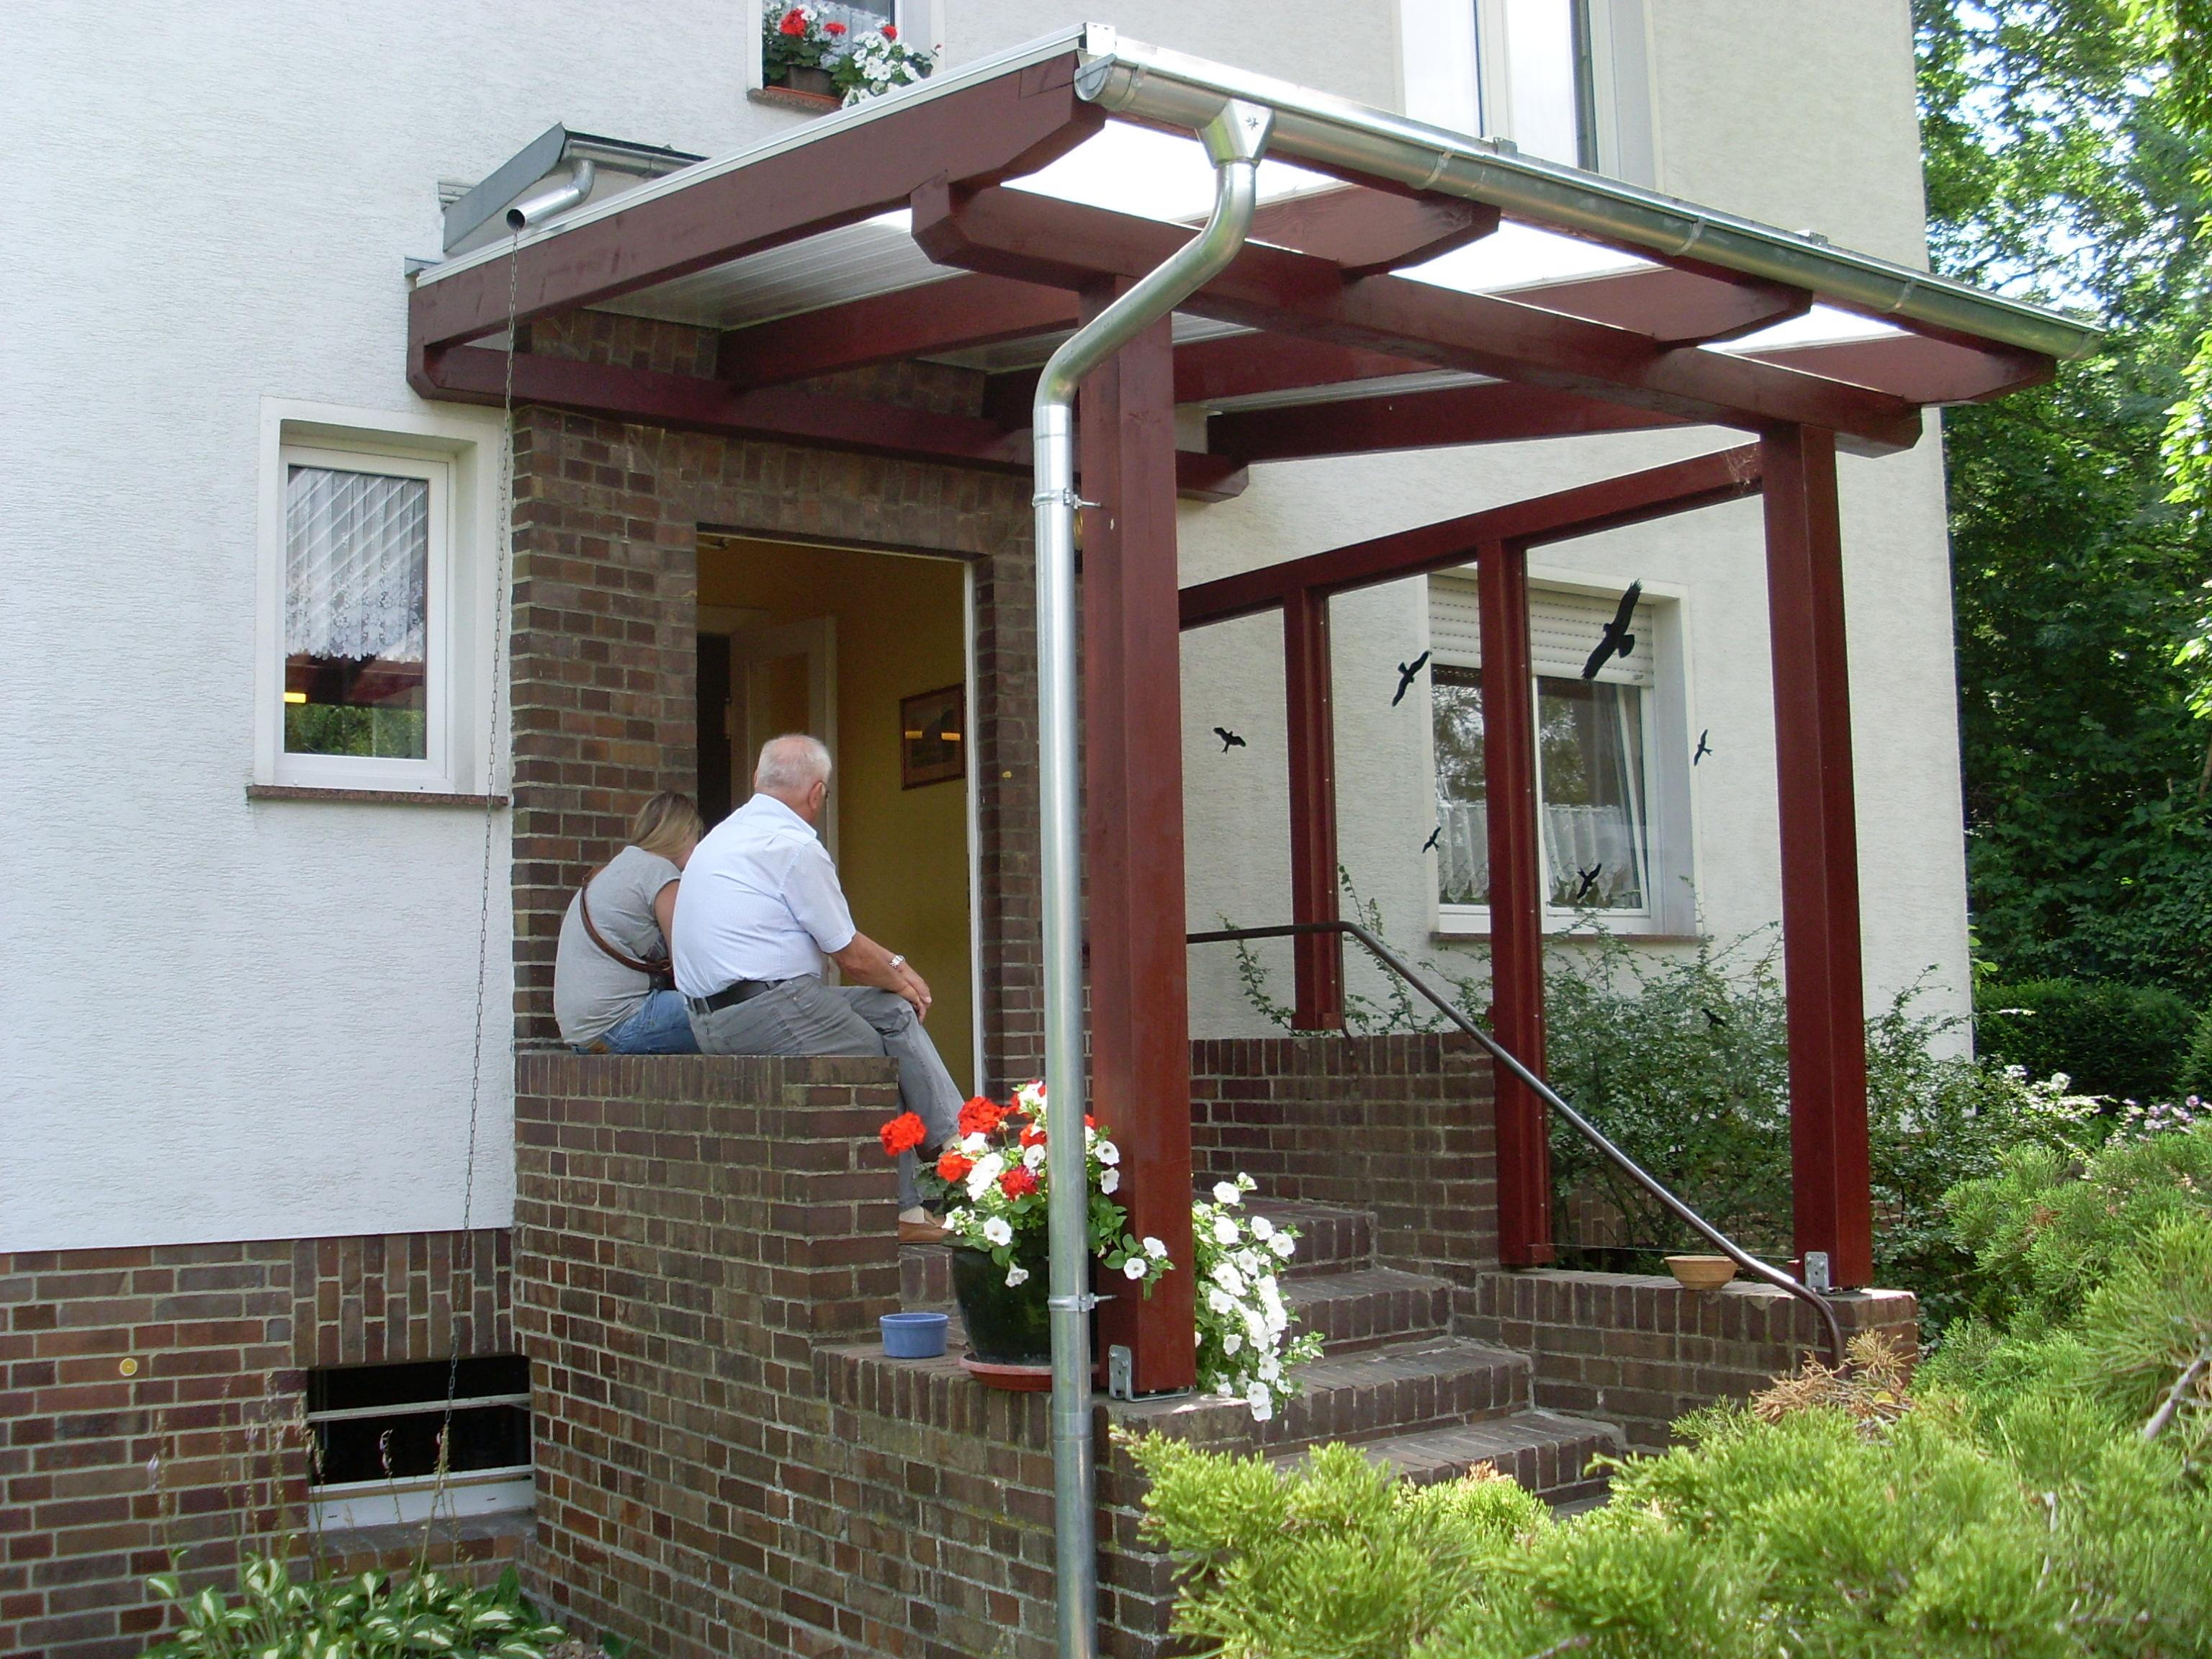 vordach bauen affordable vordach fr brennholz am carport befestigt diy selber bauen mit v. Black Bedroom Furniture Sets. Home Design Ideas